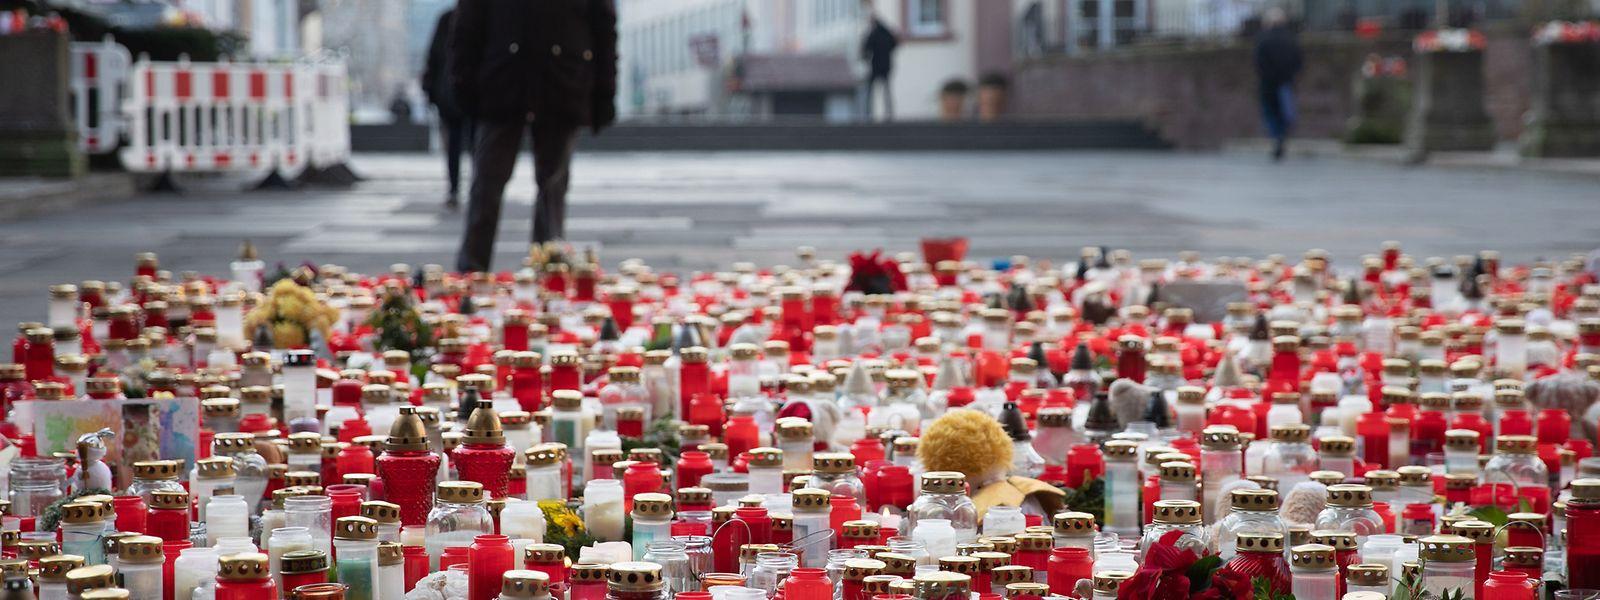 Trier in Trauer: Die Innenstadt ist ein Gedenkort geworden.